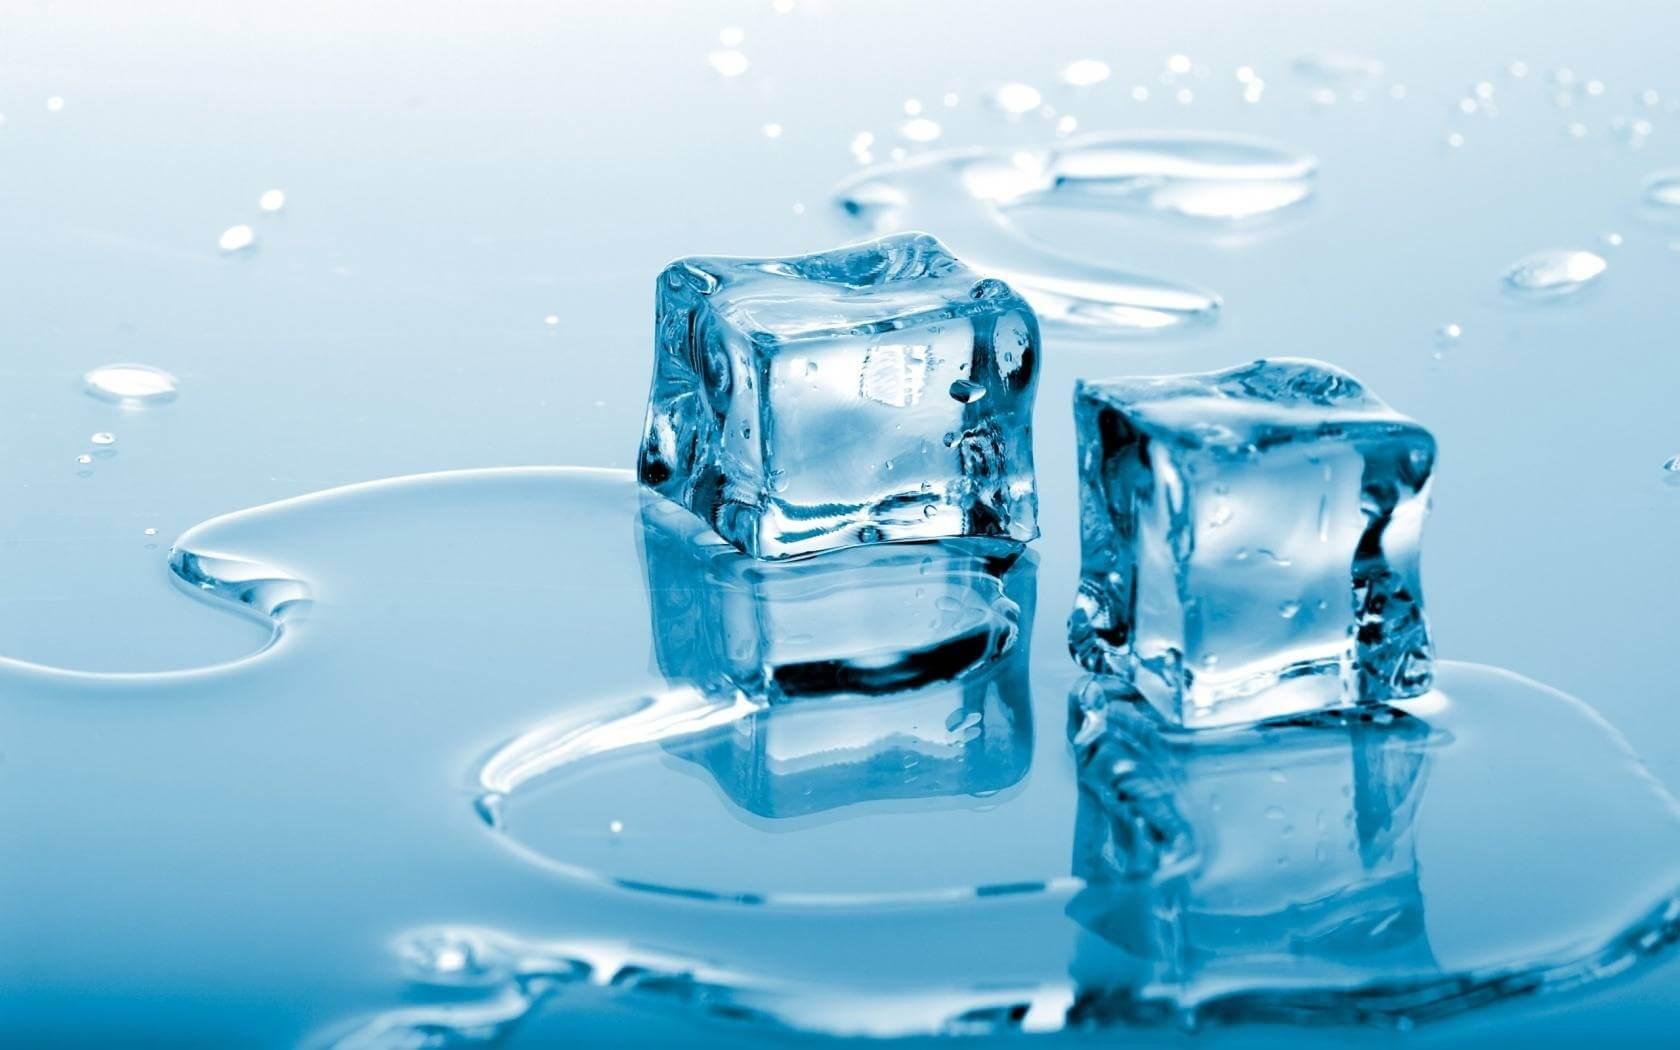 انشا در مورد حمل یک قالب یخ بدون دستکش